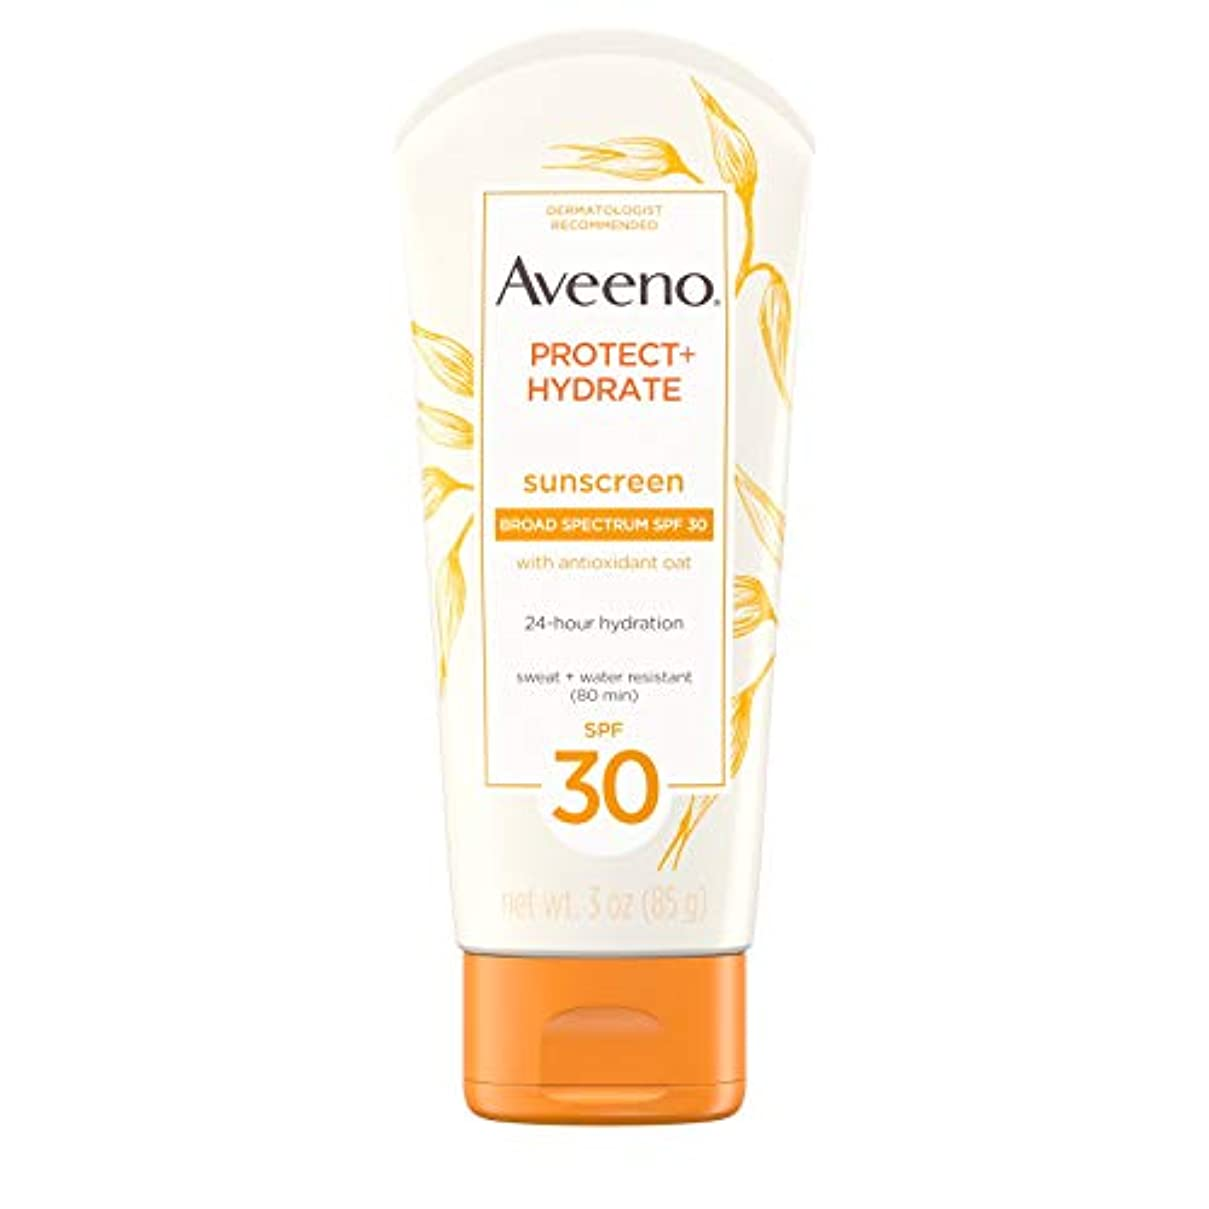 製造業心配する習字Aveeno アビーノ 日焼け止め ローションSPF-30 protect+hydrate Sunscreen Lotion(平行輸入品) 85g (3Oz)